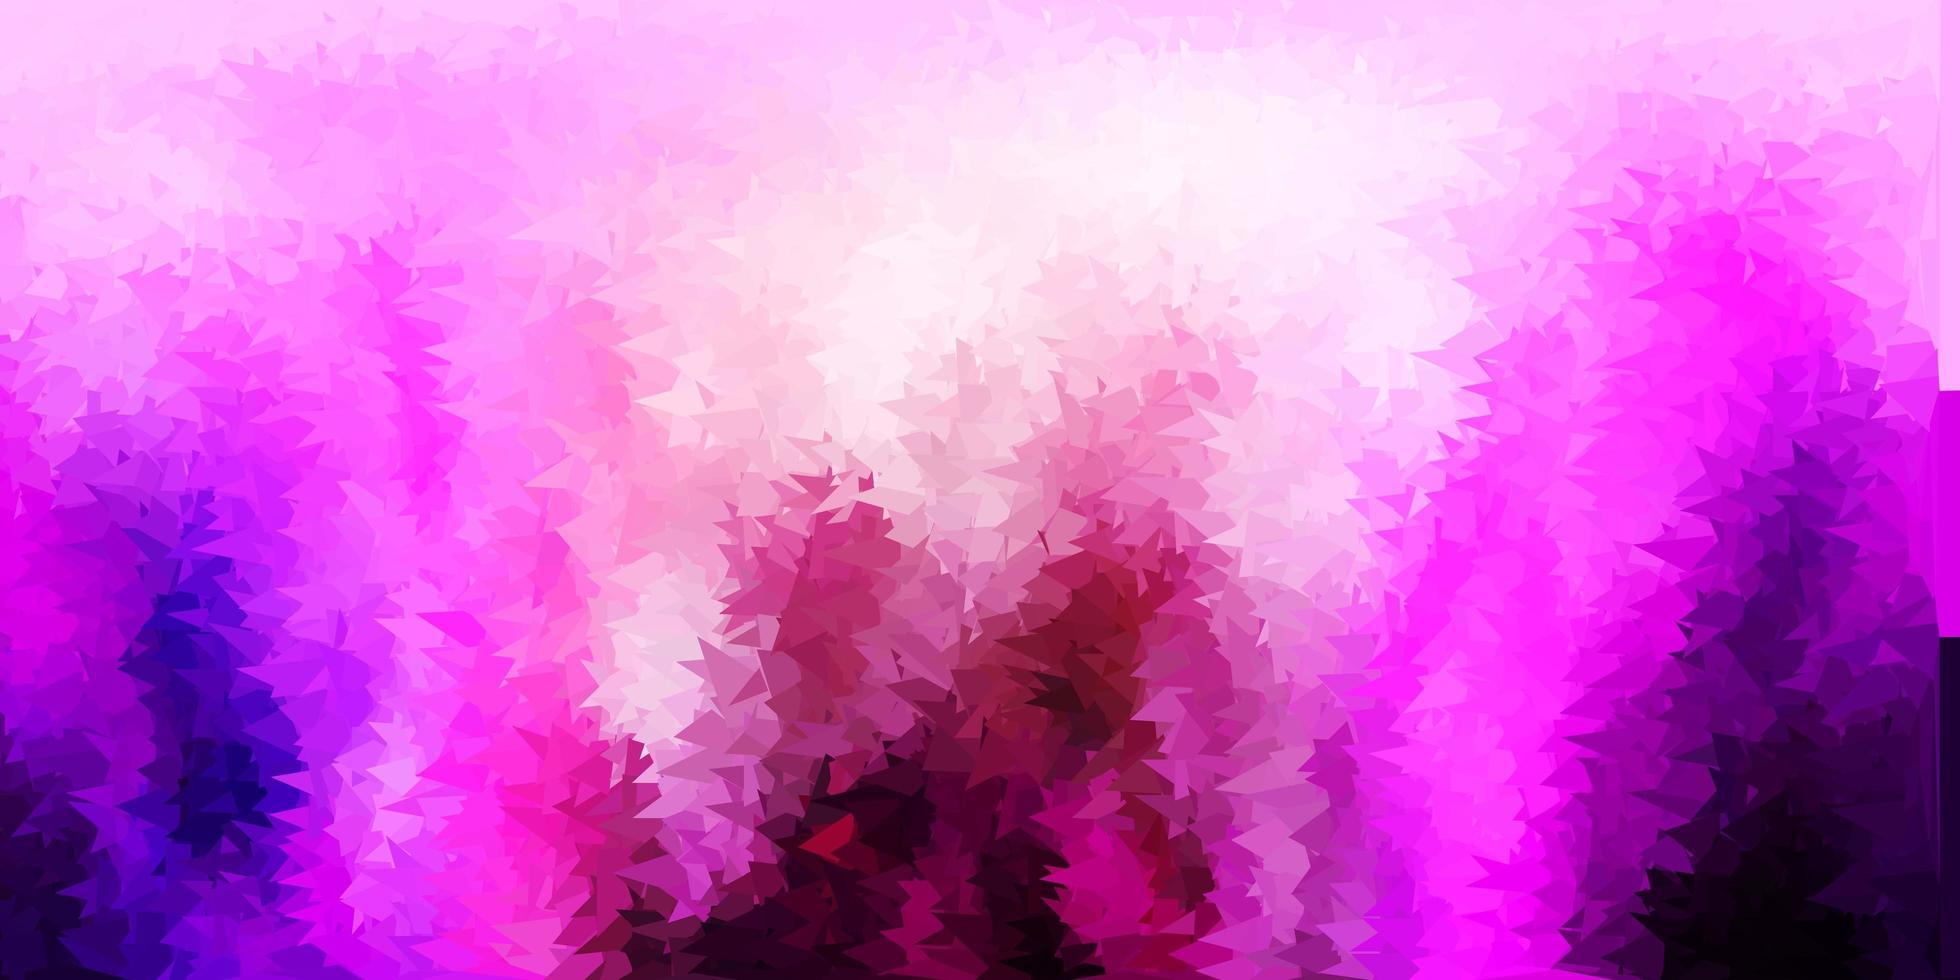 abstraktes Dreiecksmuster des dunkelvioletten, rosa Vektors. vektor